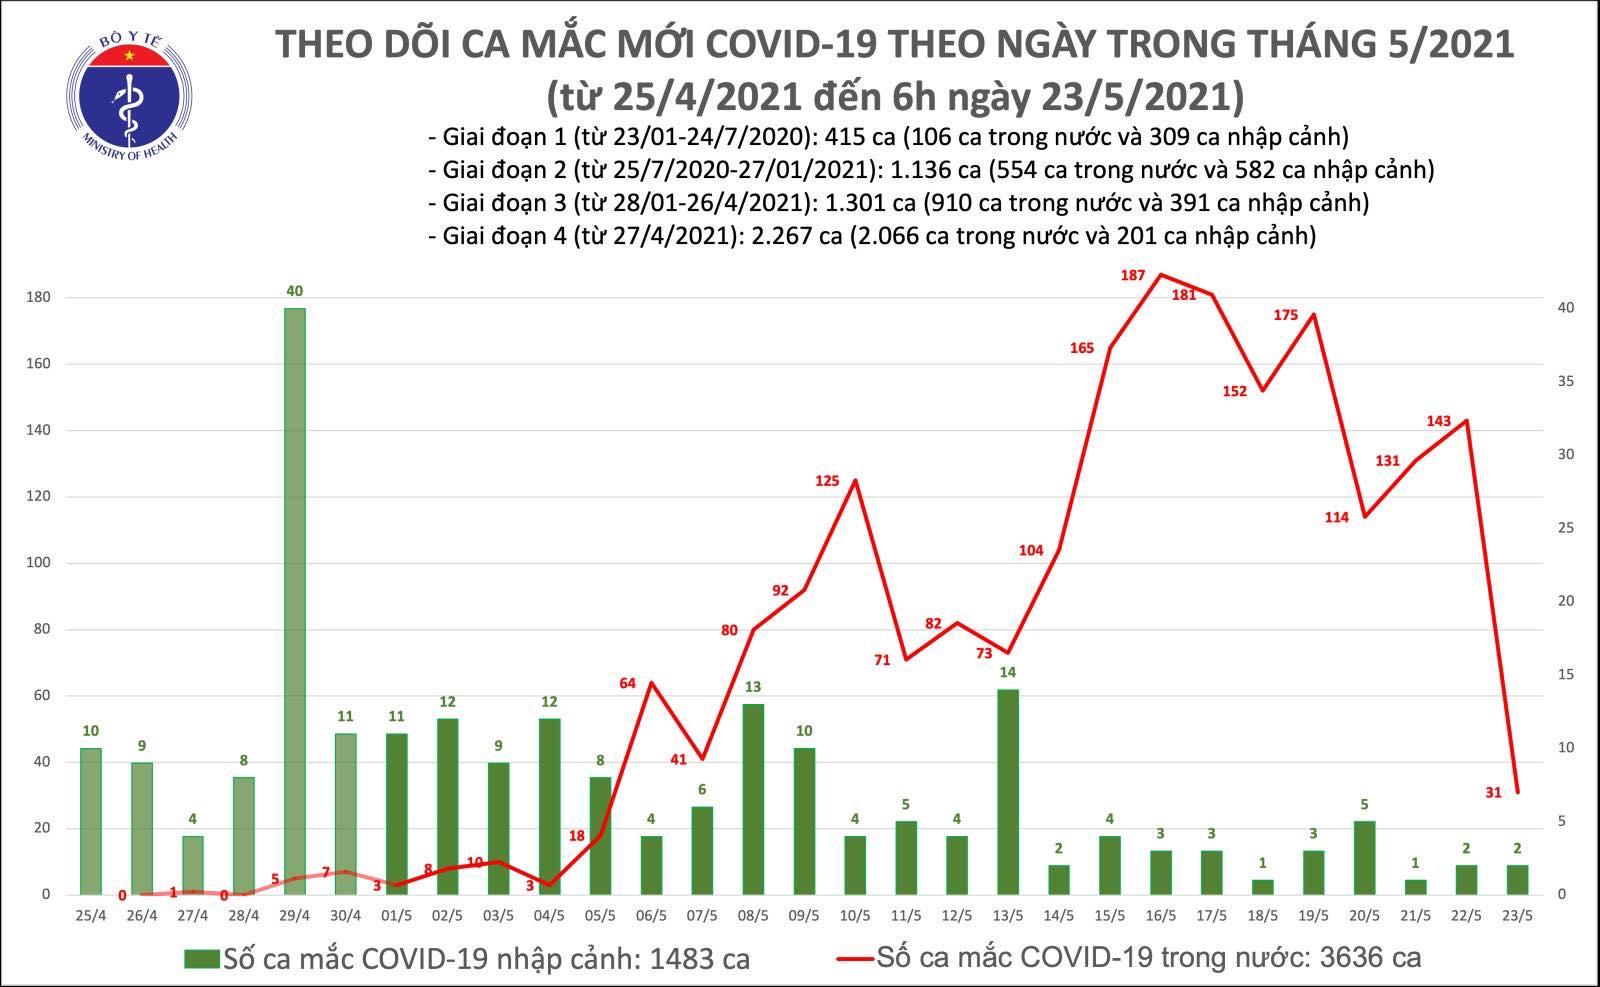 Sáng 23/5: Thêm 31 ca mắc COVID-19 trong nước, riêng Bắc Ninh 29 ca - Hình 2